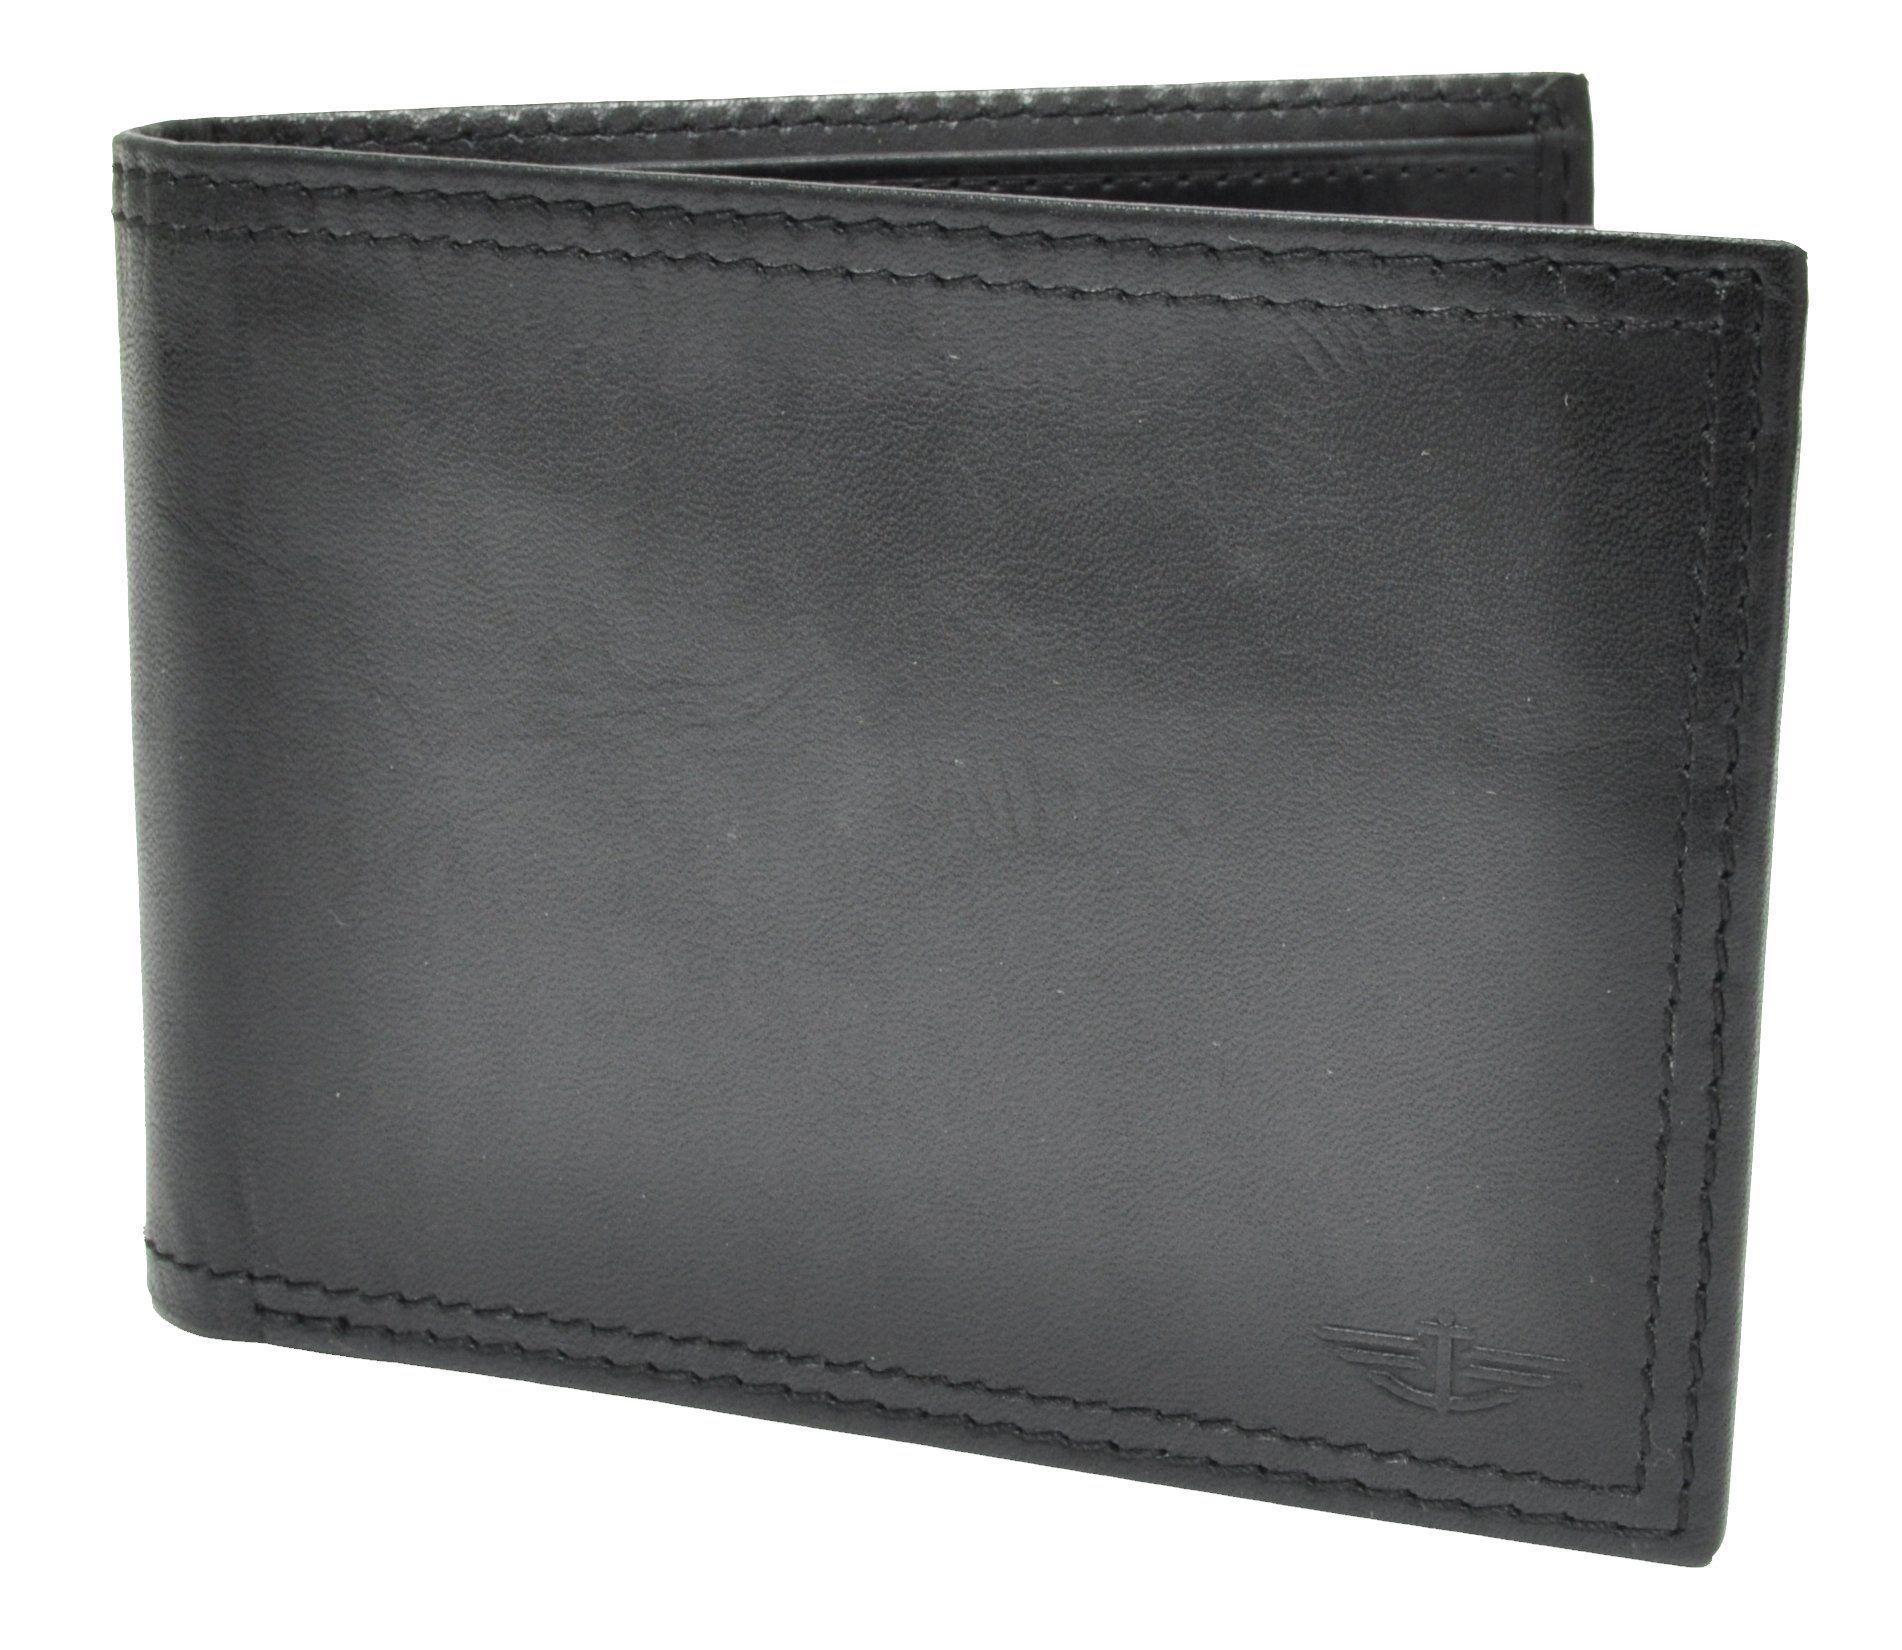 Dockers Men's Leather Slim Bifold Wallet Bi fold wallet